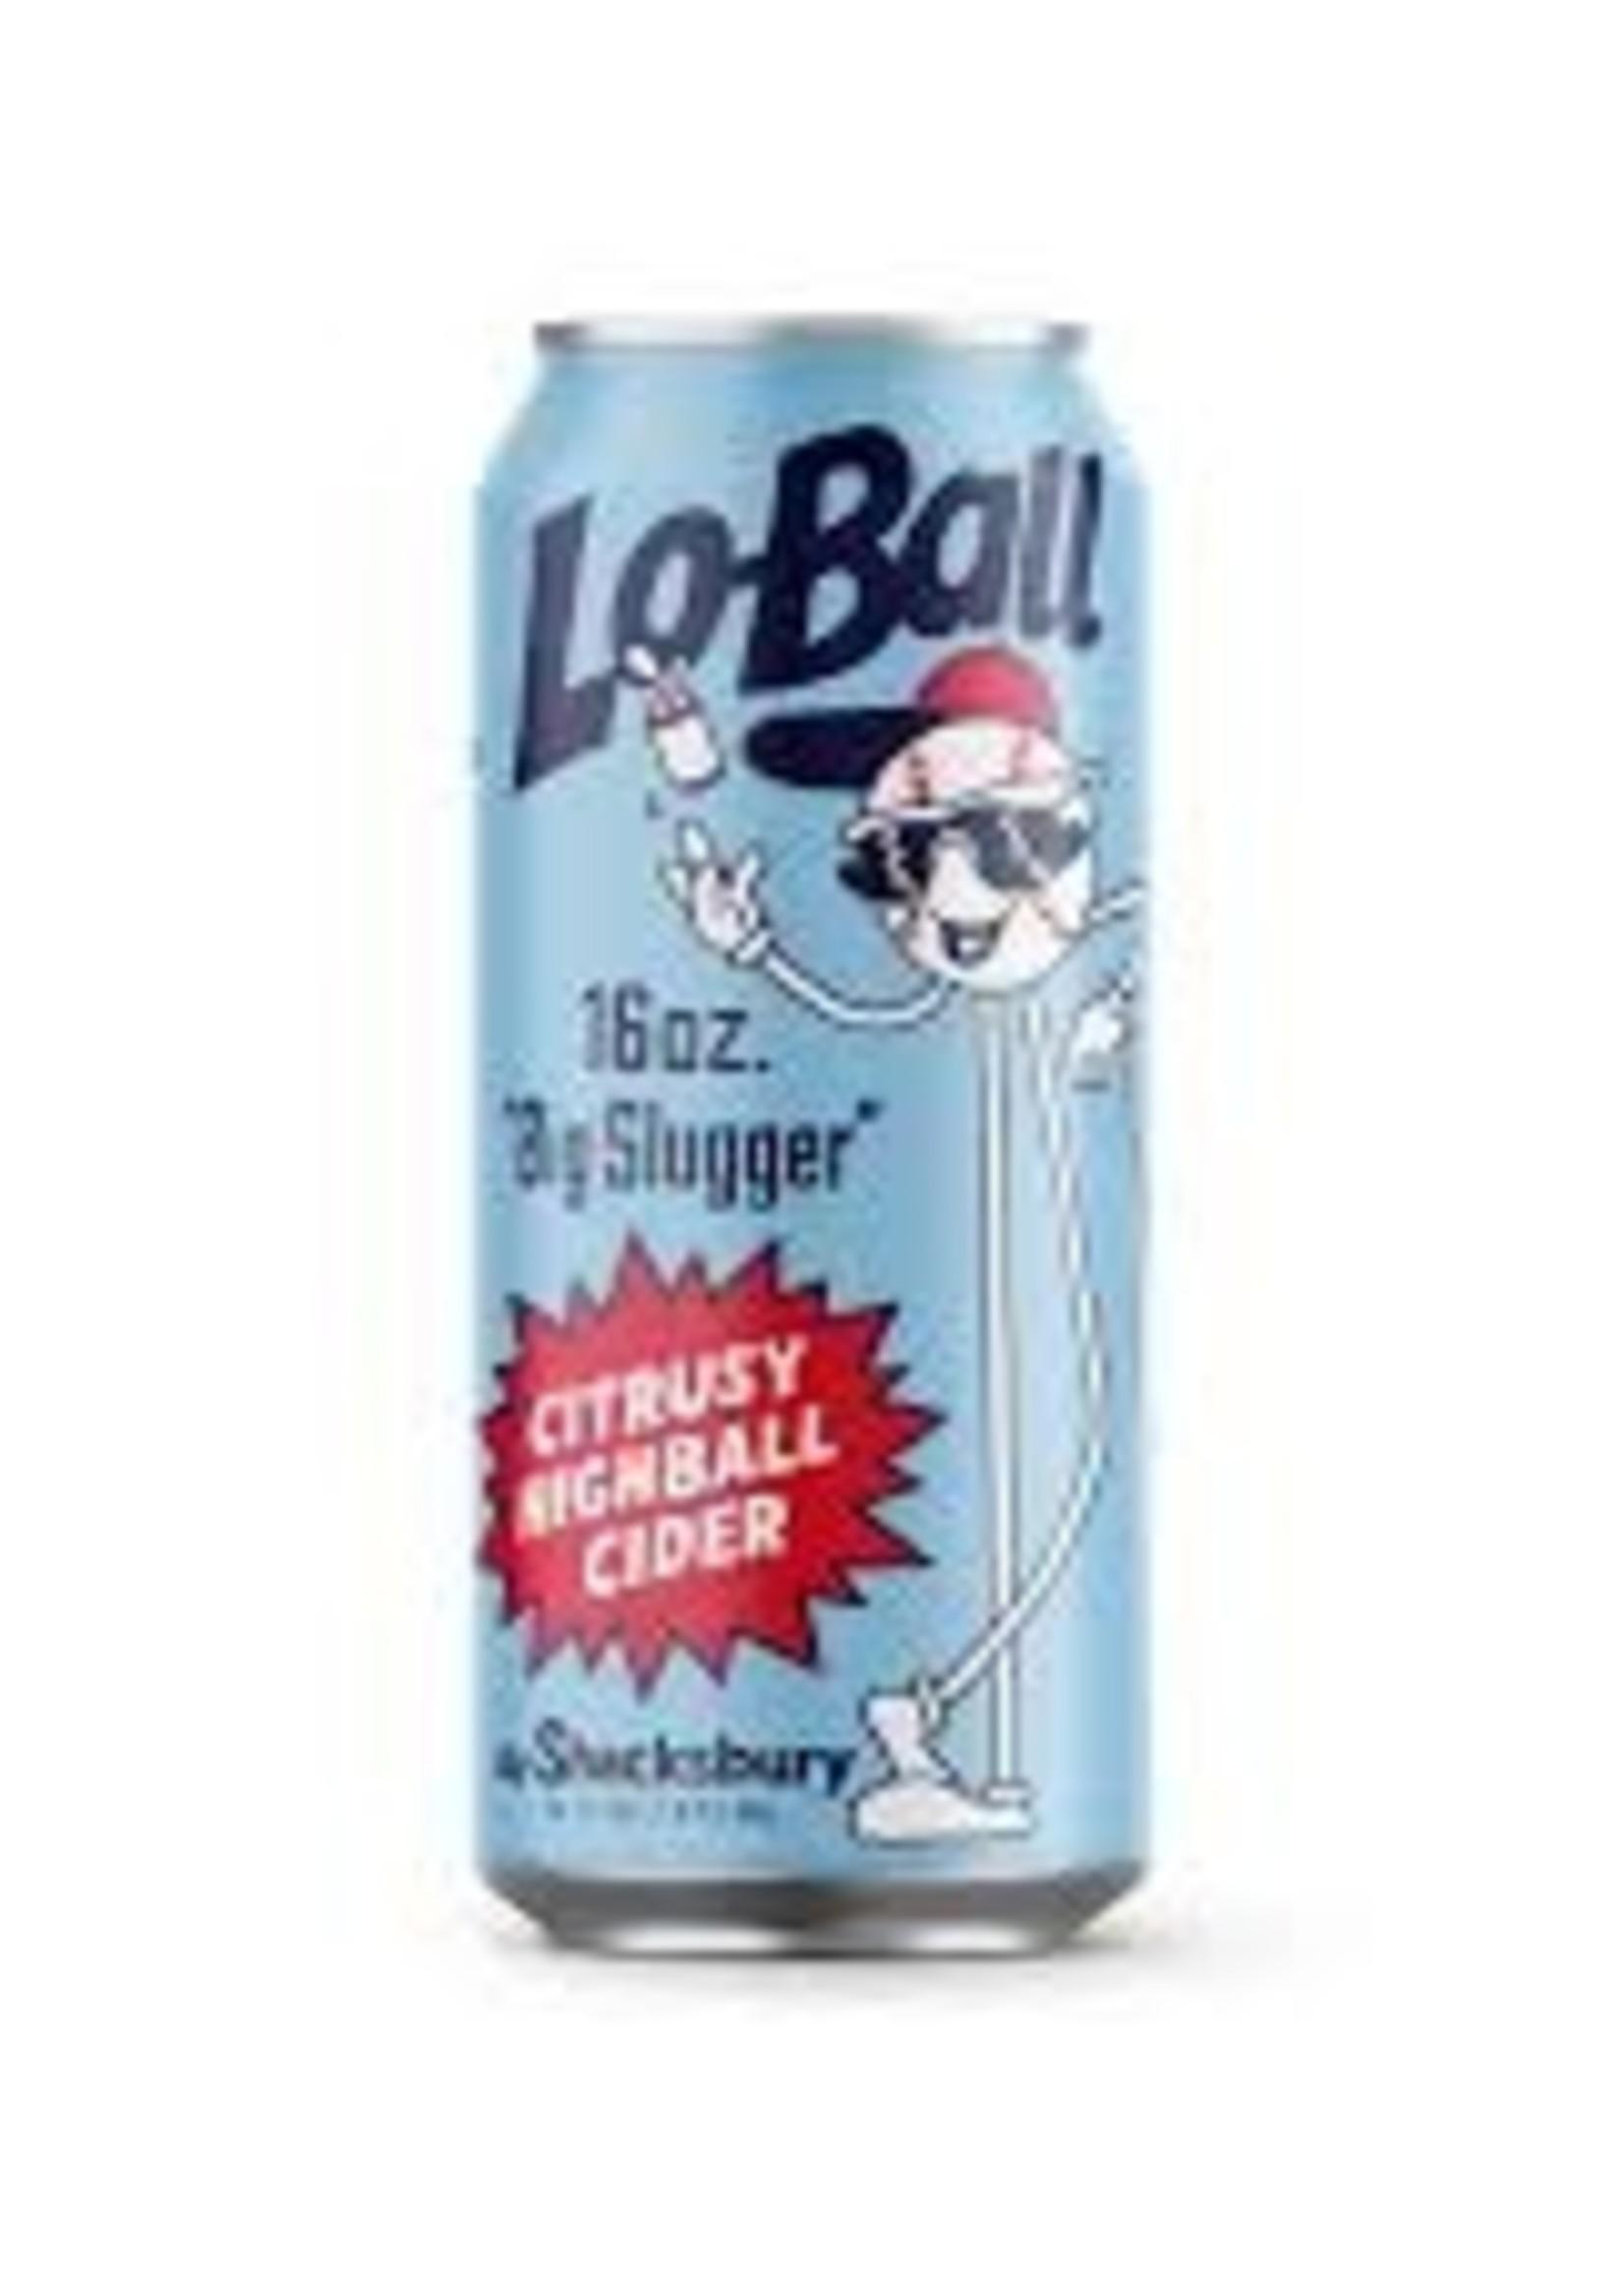 Shacksbury Lo Ball Whiskey Barrel Aged Cider - 4x8oz Cans